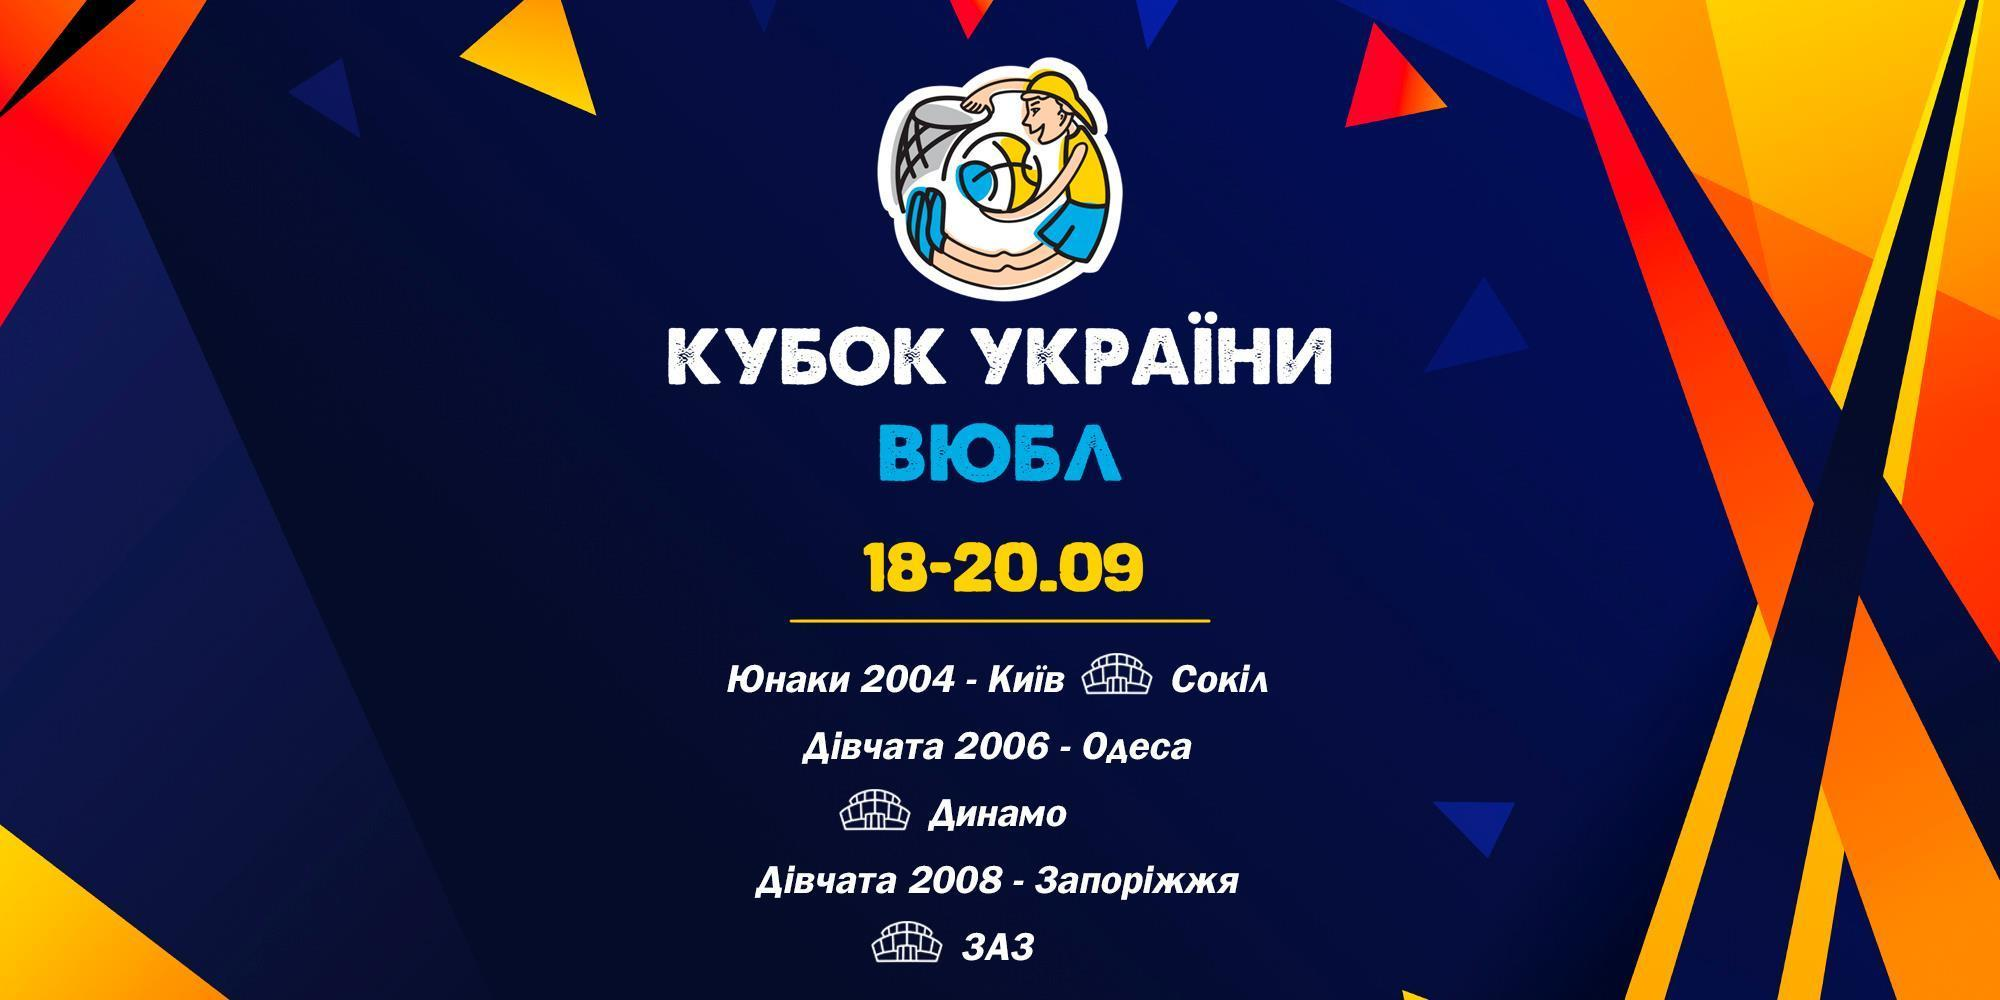 Кубок ВЮБЛ: відео матчів 19 вересня